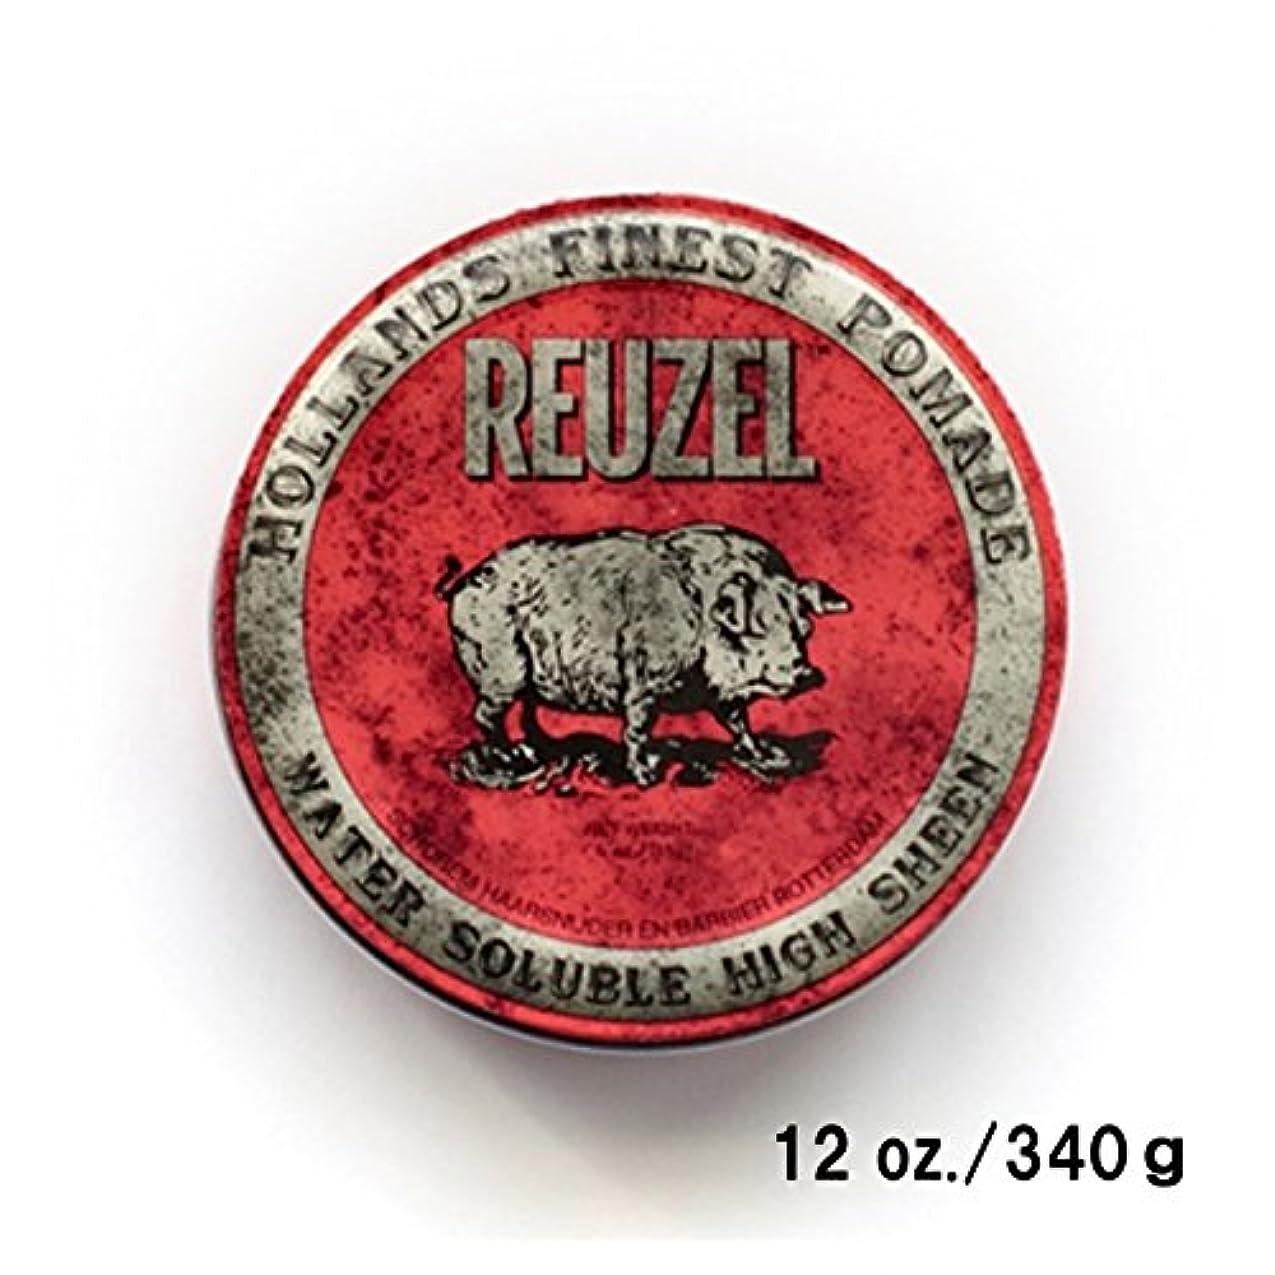 ブレイズステップランドリーREUZEL ルーゾーポマード 12oz.-340g REUZEL HIGH SHEEN/RED (水性)<水溶性: ノーマルホールド>